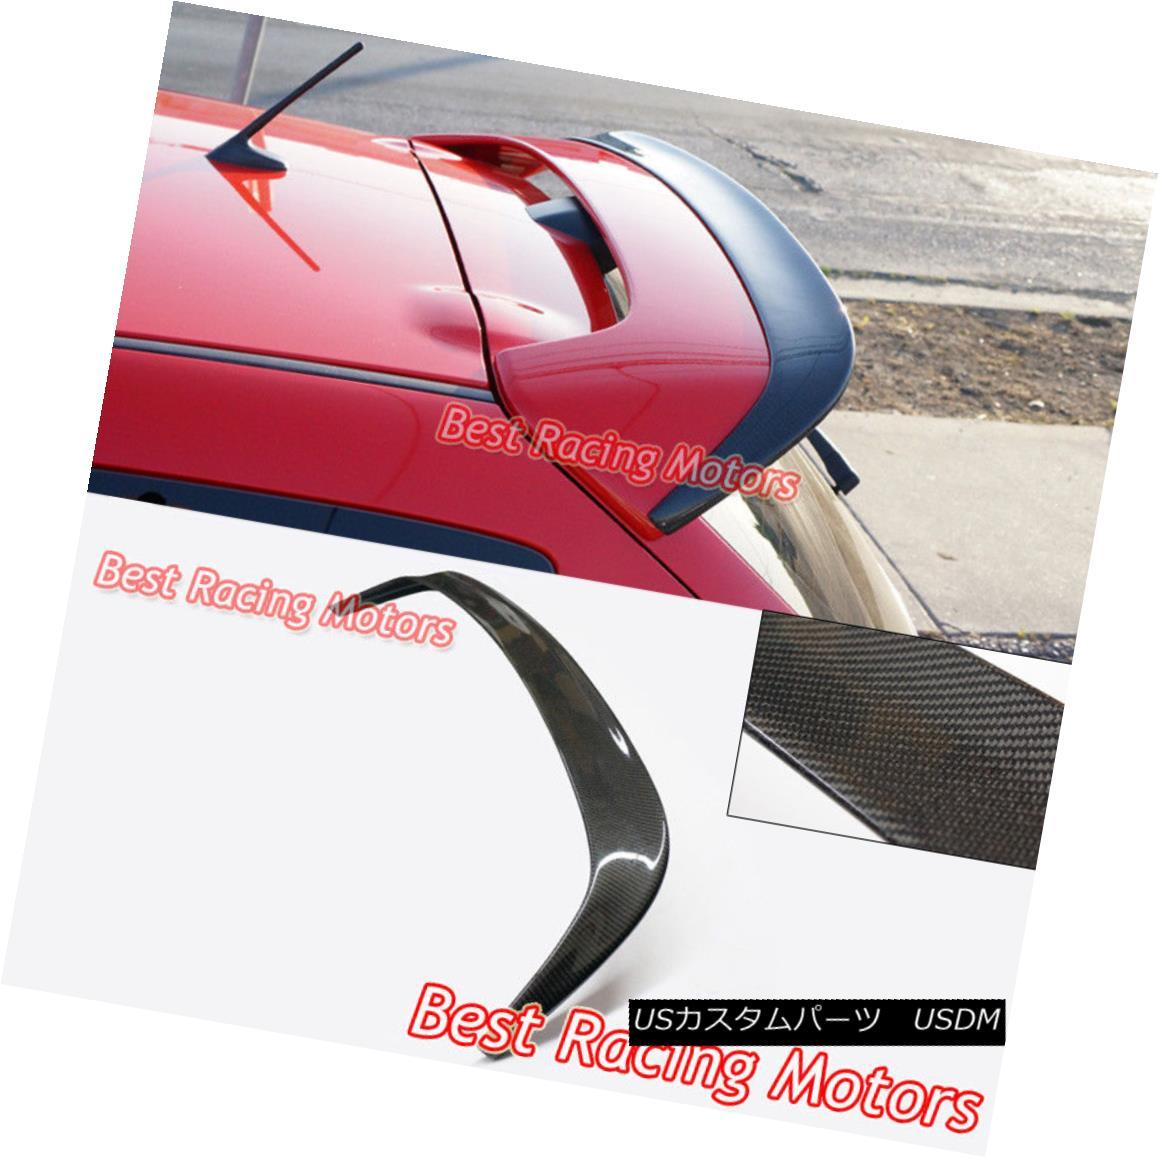 エアロパーツ MS Style Add On Roof Spoiler Wing (Carbon) Fits 07-09 MazdaSpeed 3 MS Style Add Roof Spoilerウィング(カーボン)Fits 07-09 MazdaSpeed 3